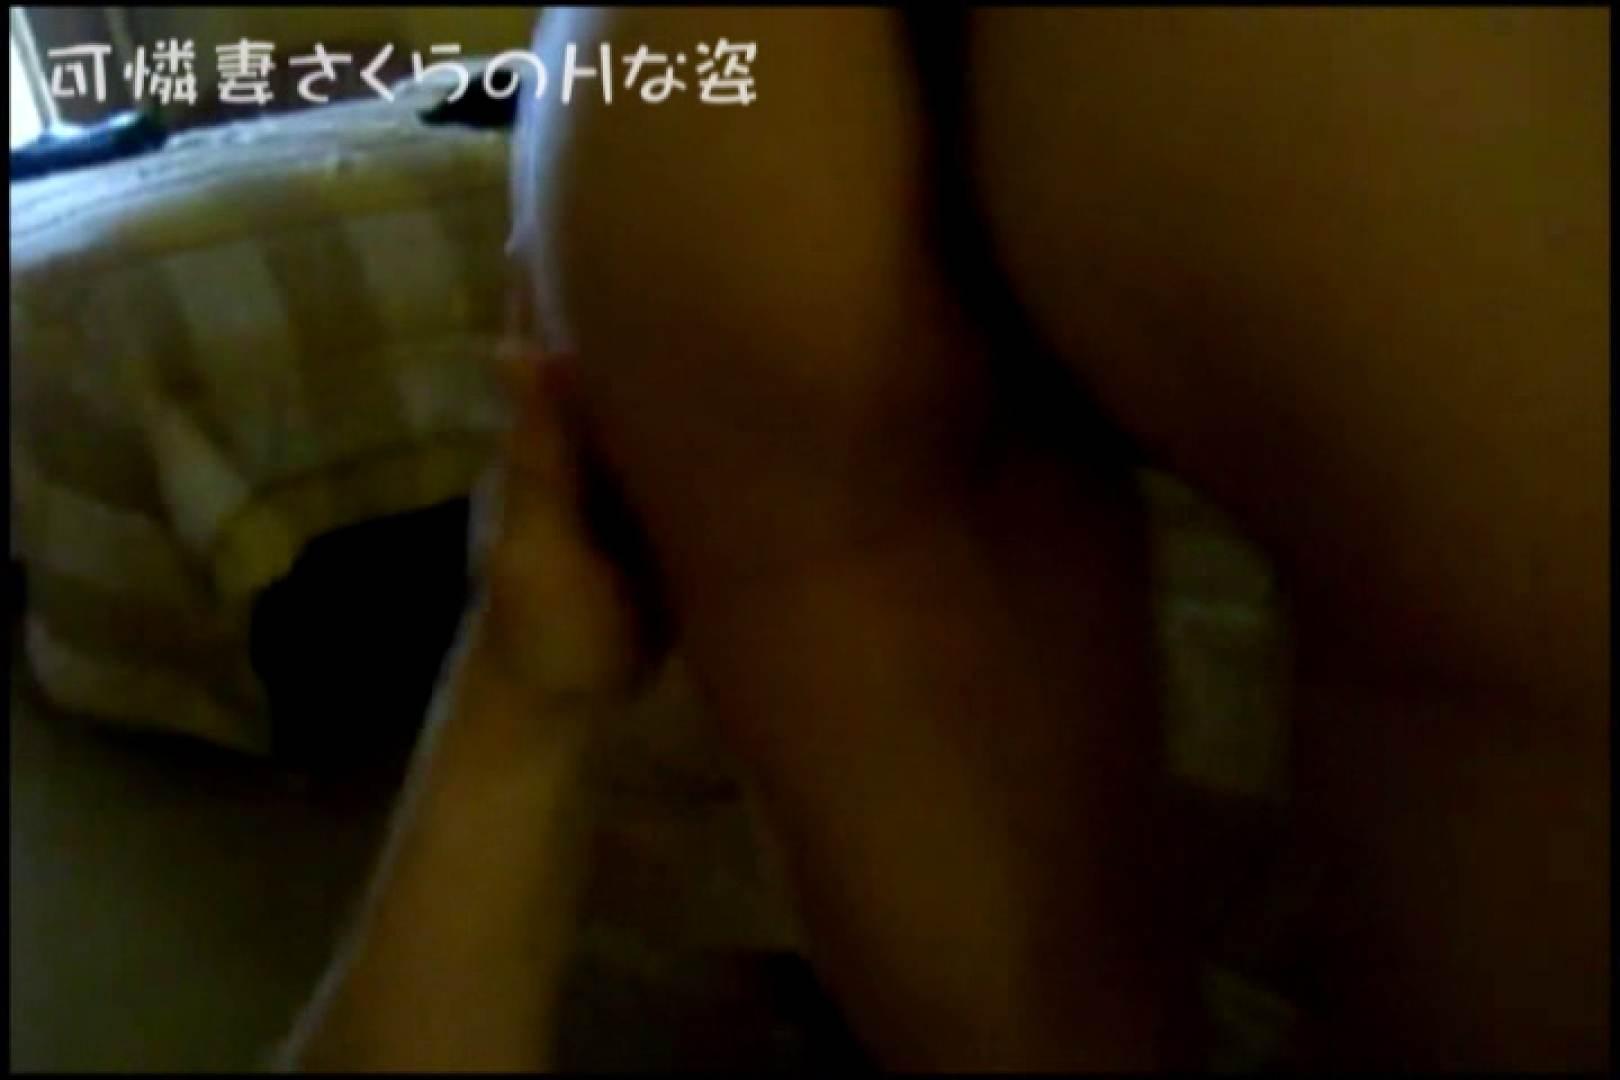 可憐妻さくらのHな姿vol.9前編 セックス ワレメ動画紹介 76pic 10